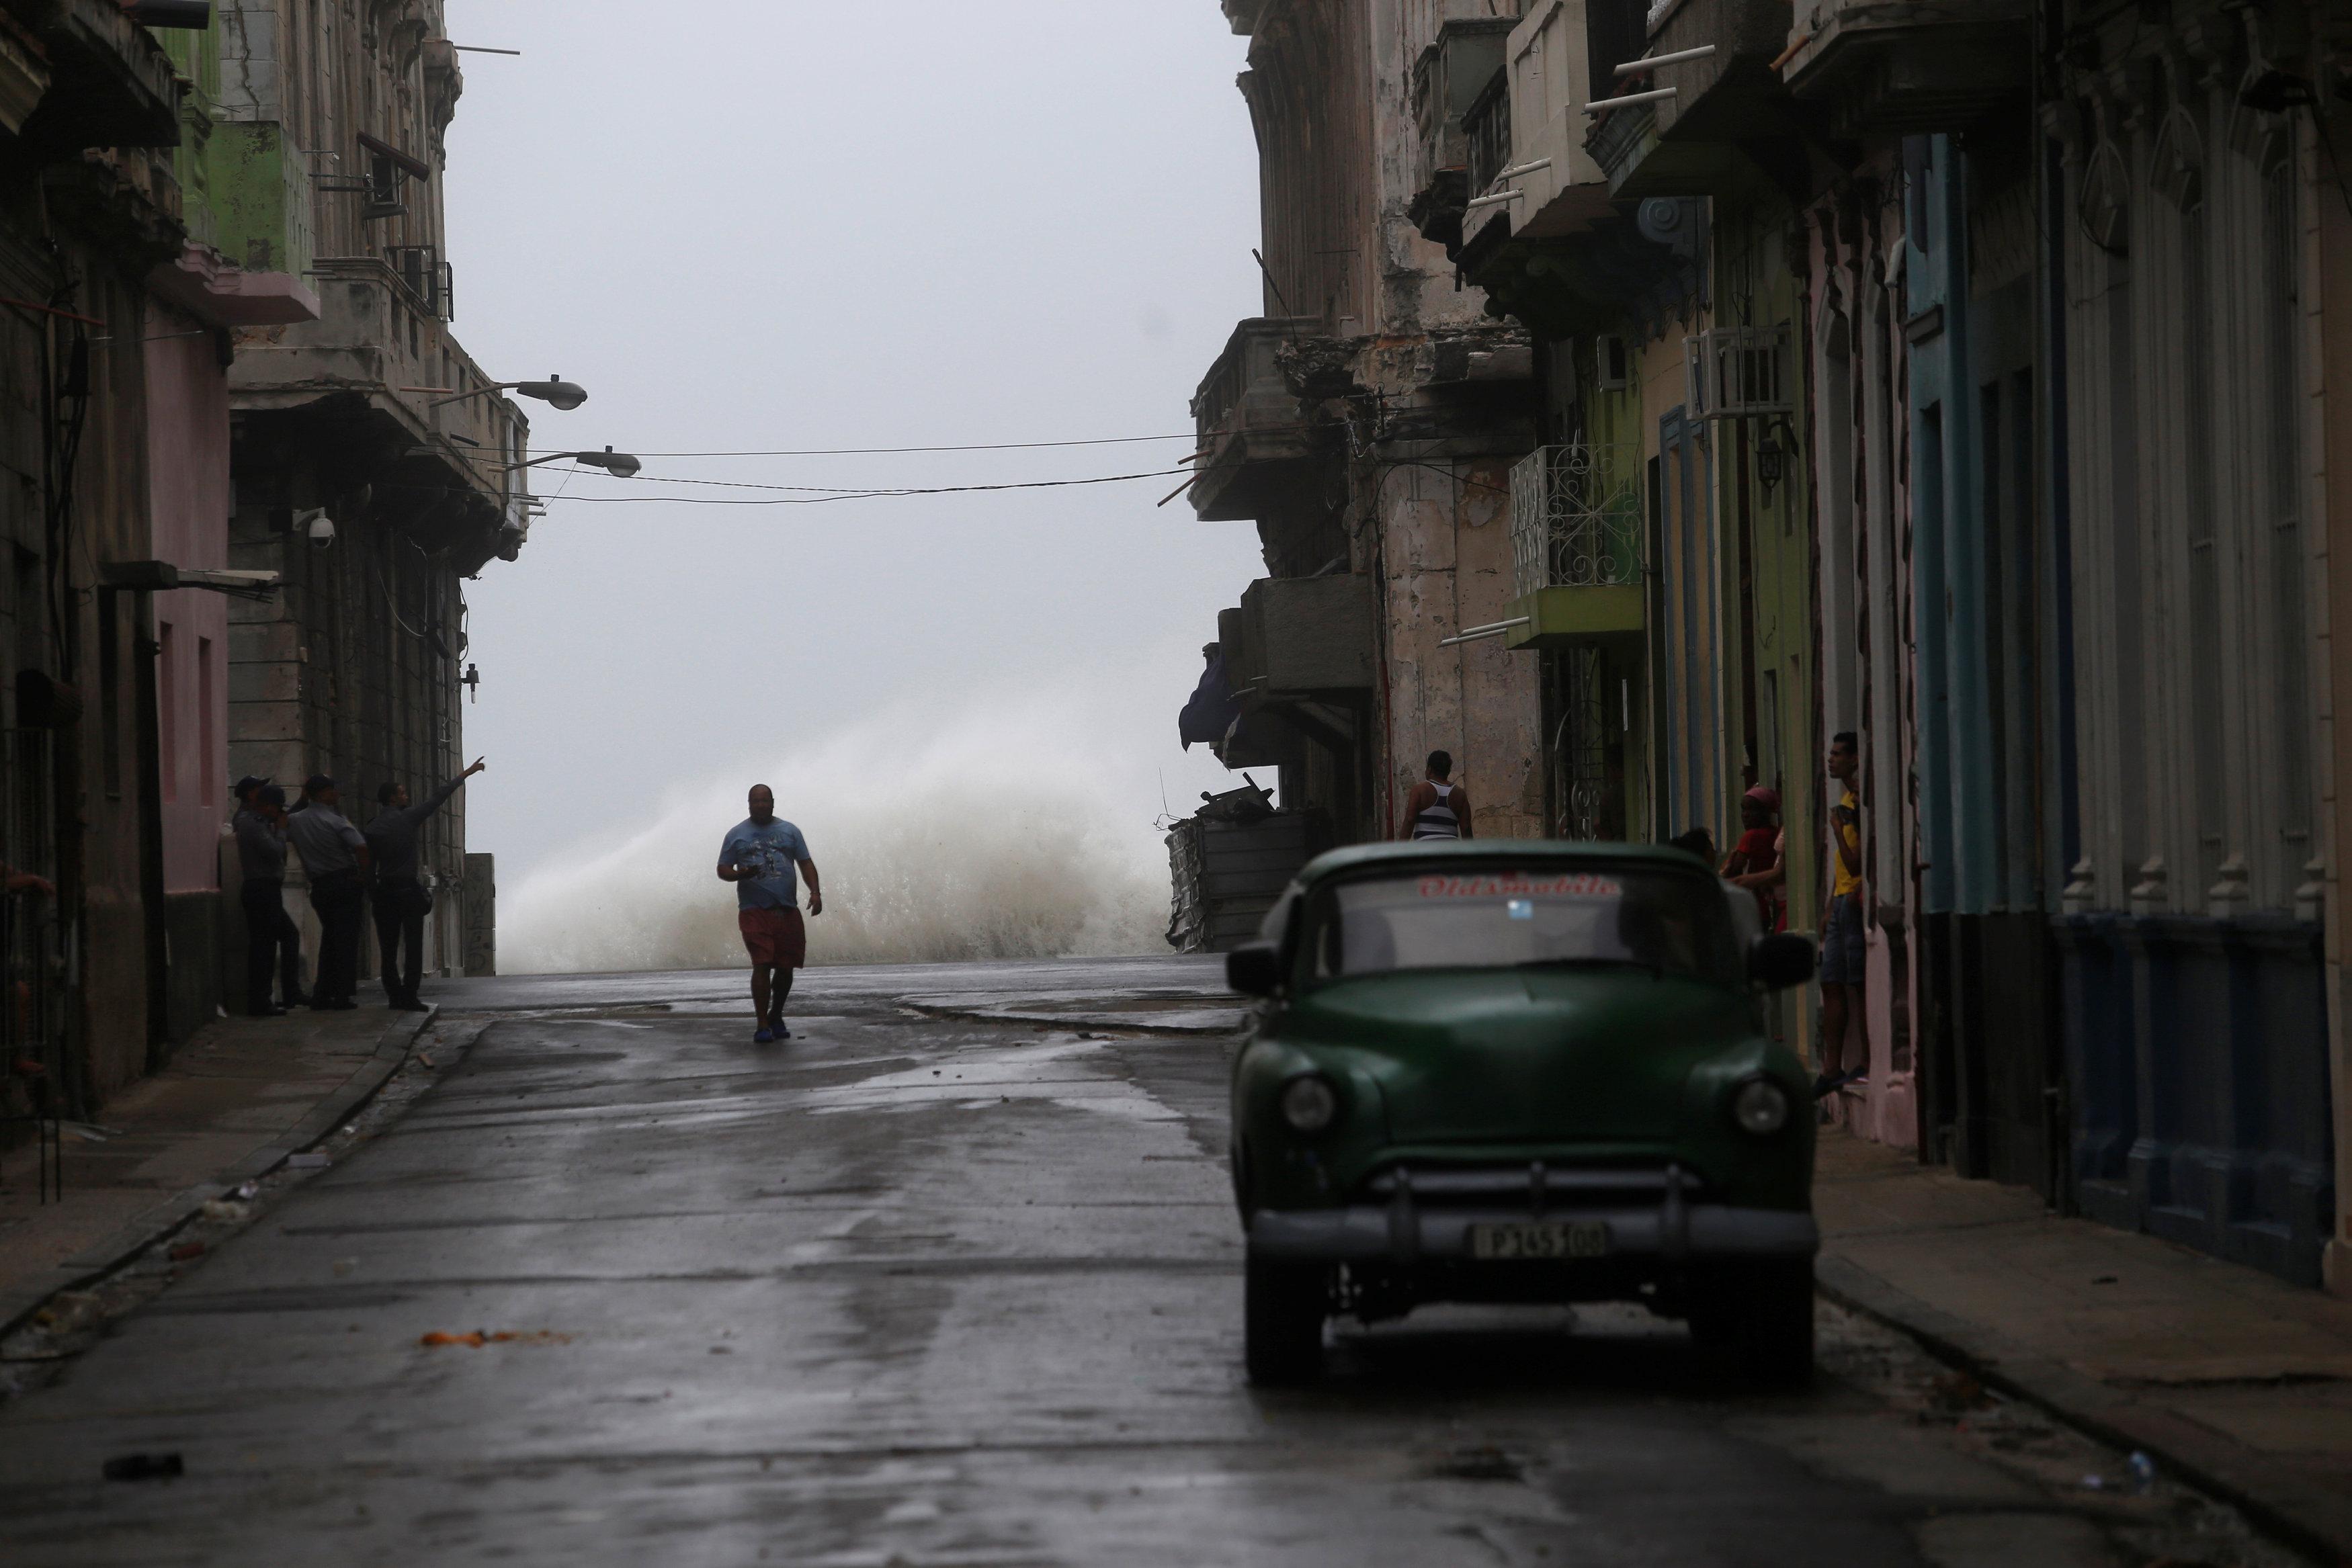 La Habana, Cuba (REUTERS)